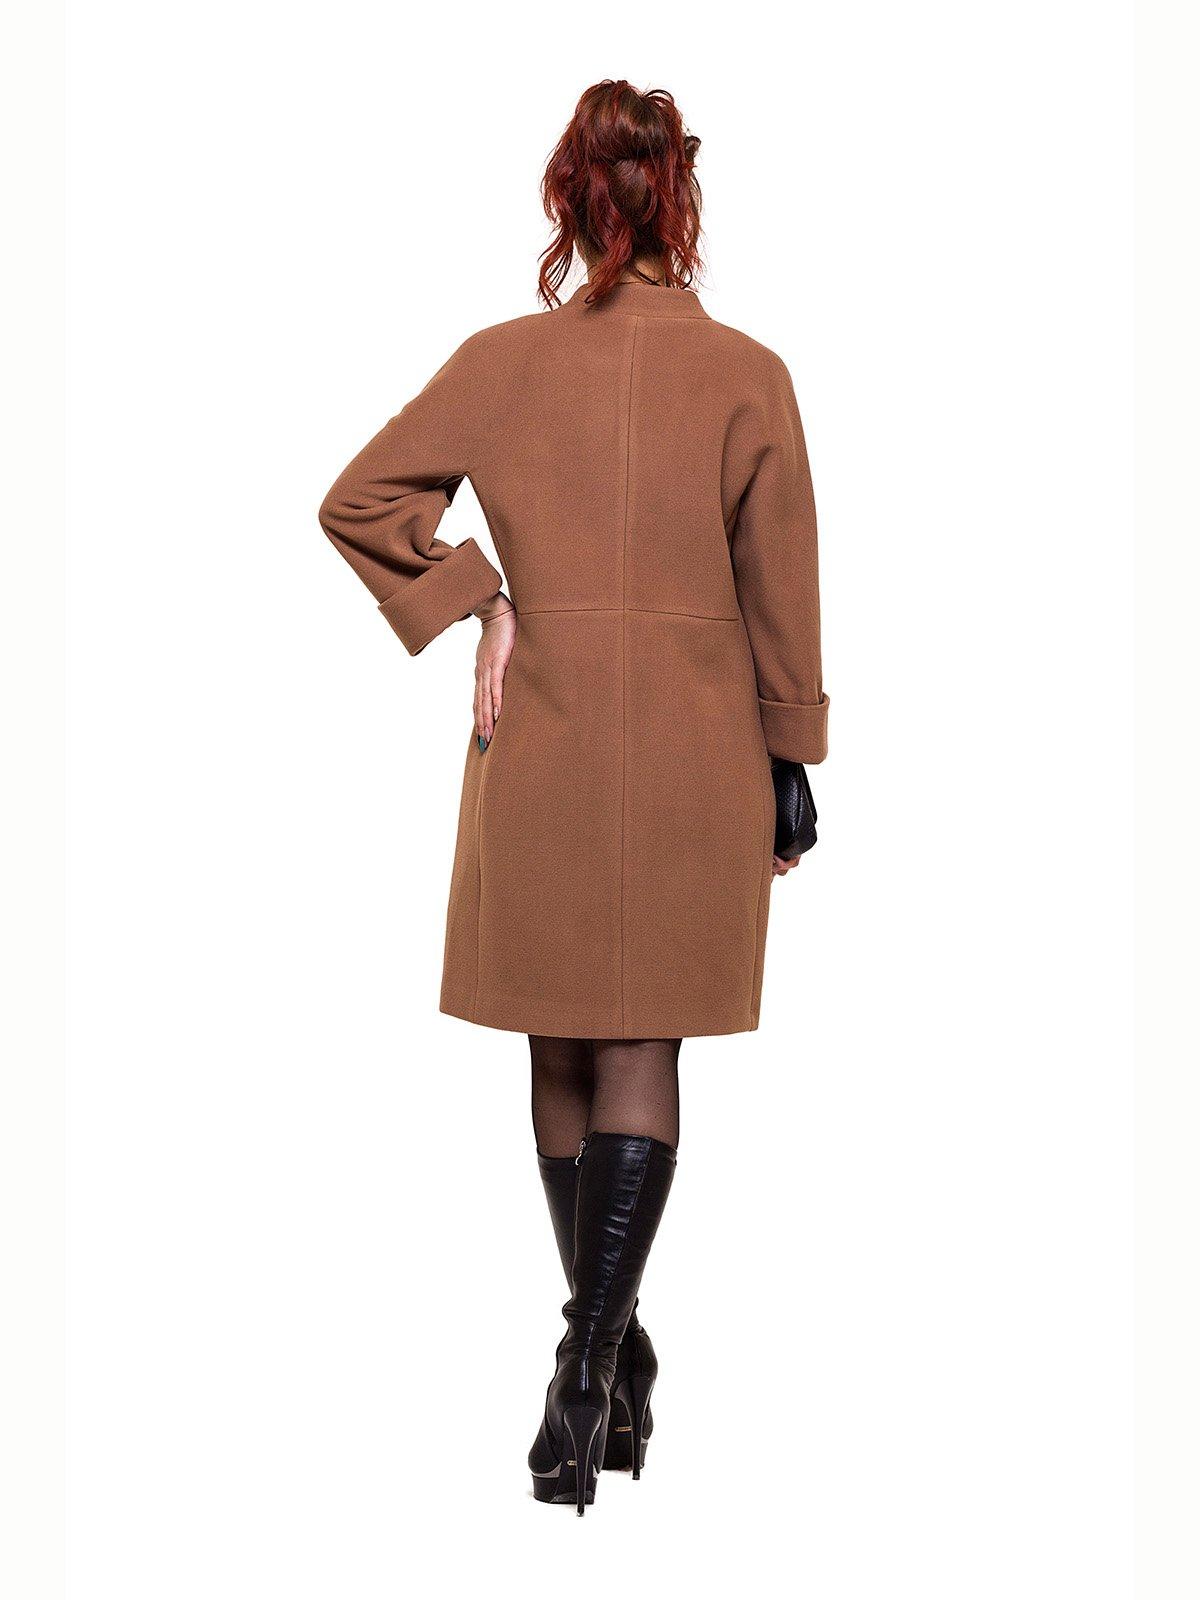 Пальто темно-бежевое | 2837210 | фото 2